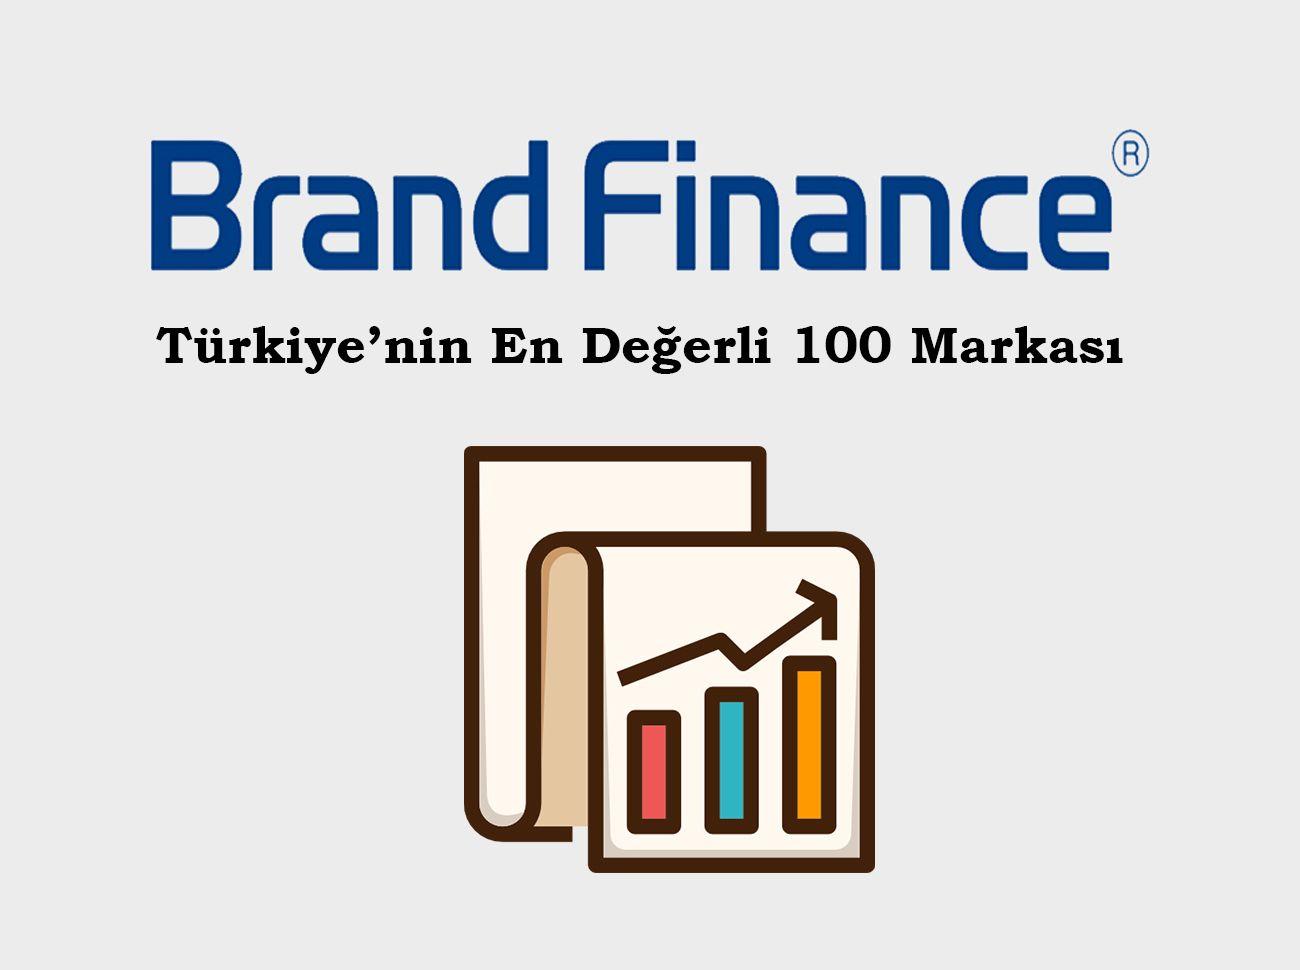 Brand Finance Türkiye'nin En Değerli 100 Markasını Açıkladı